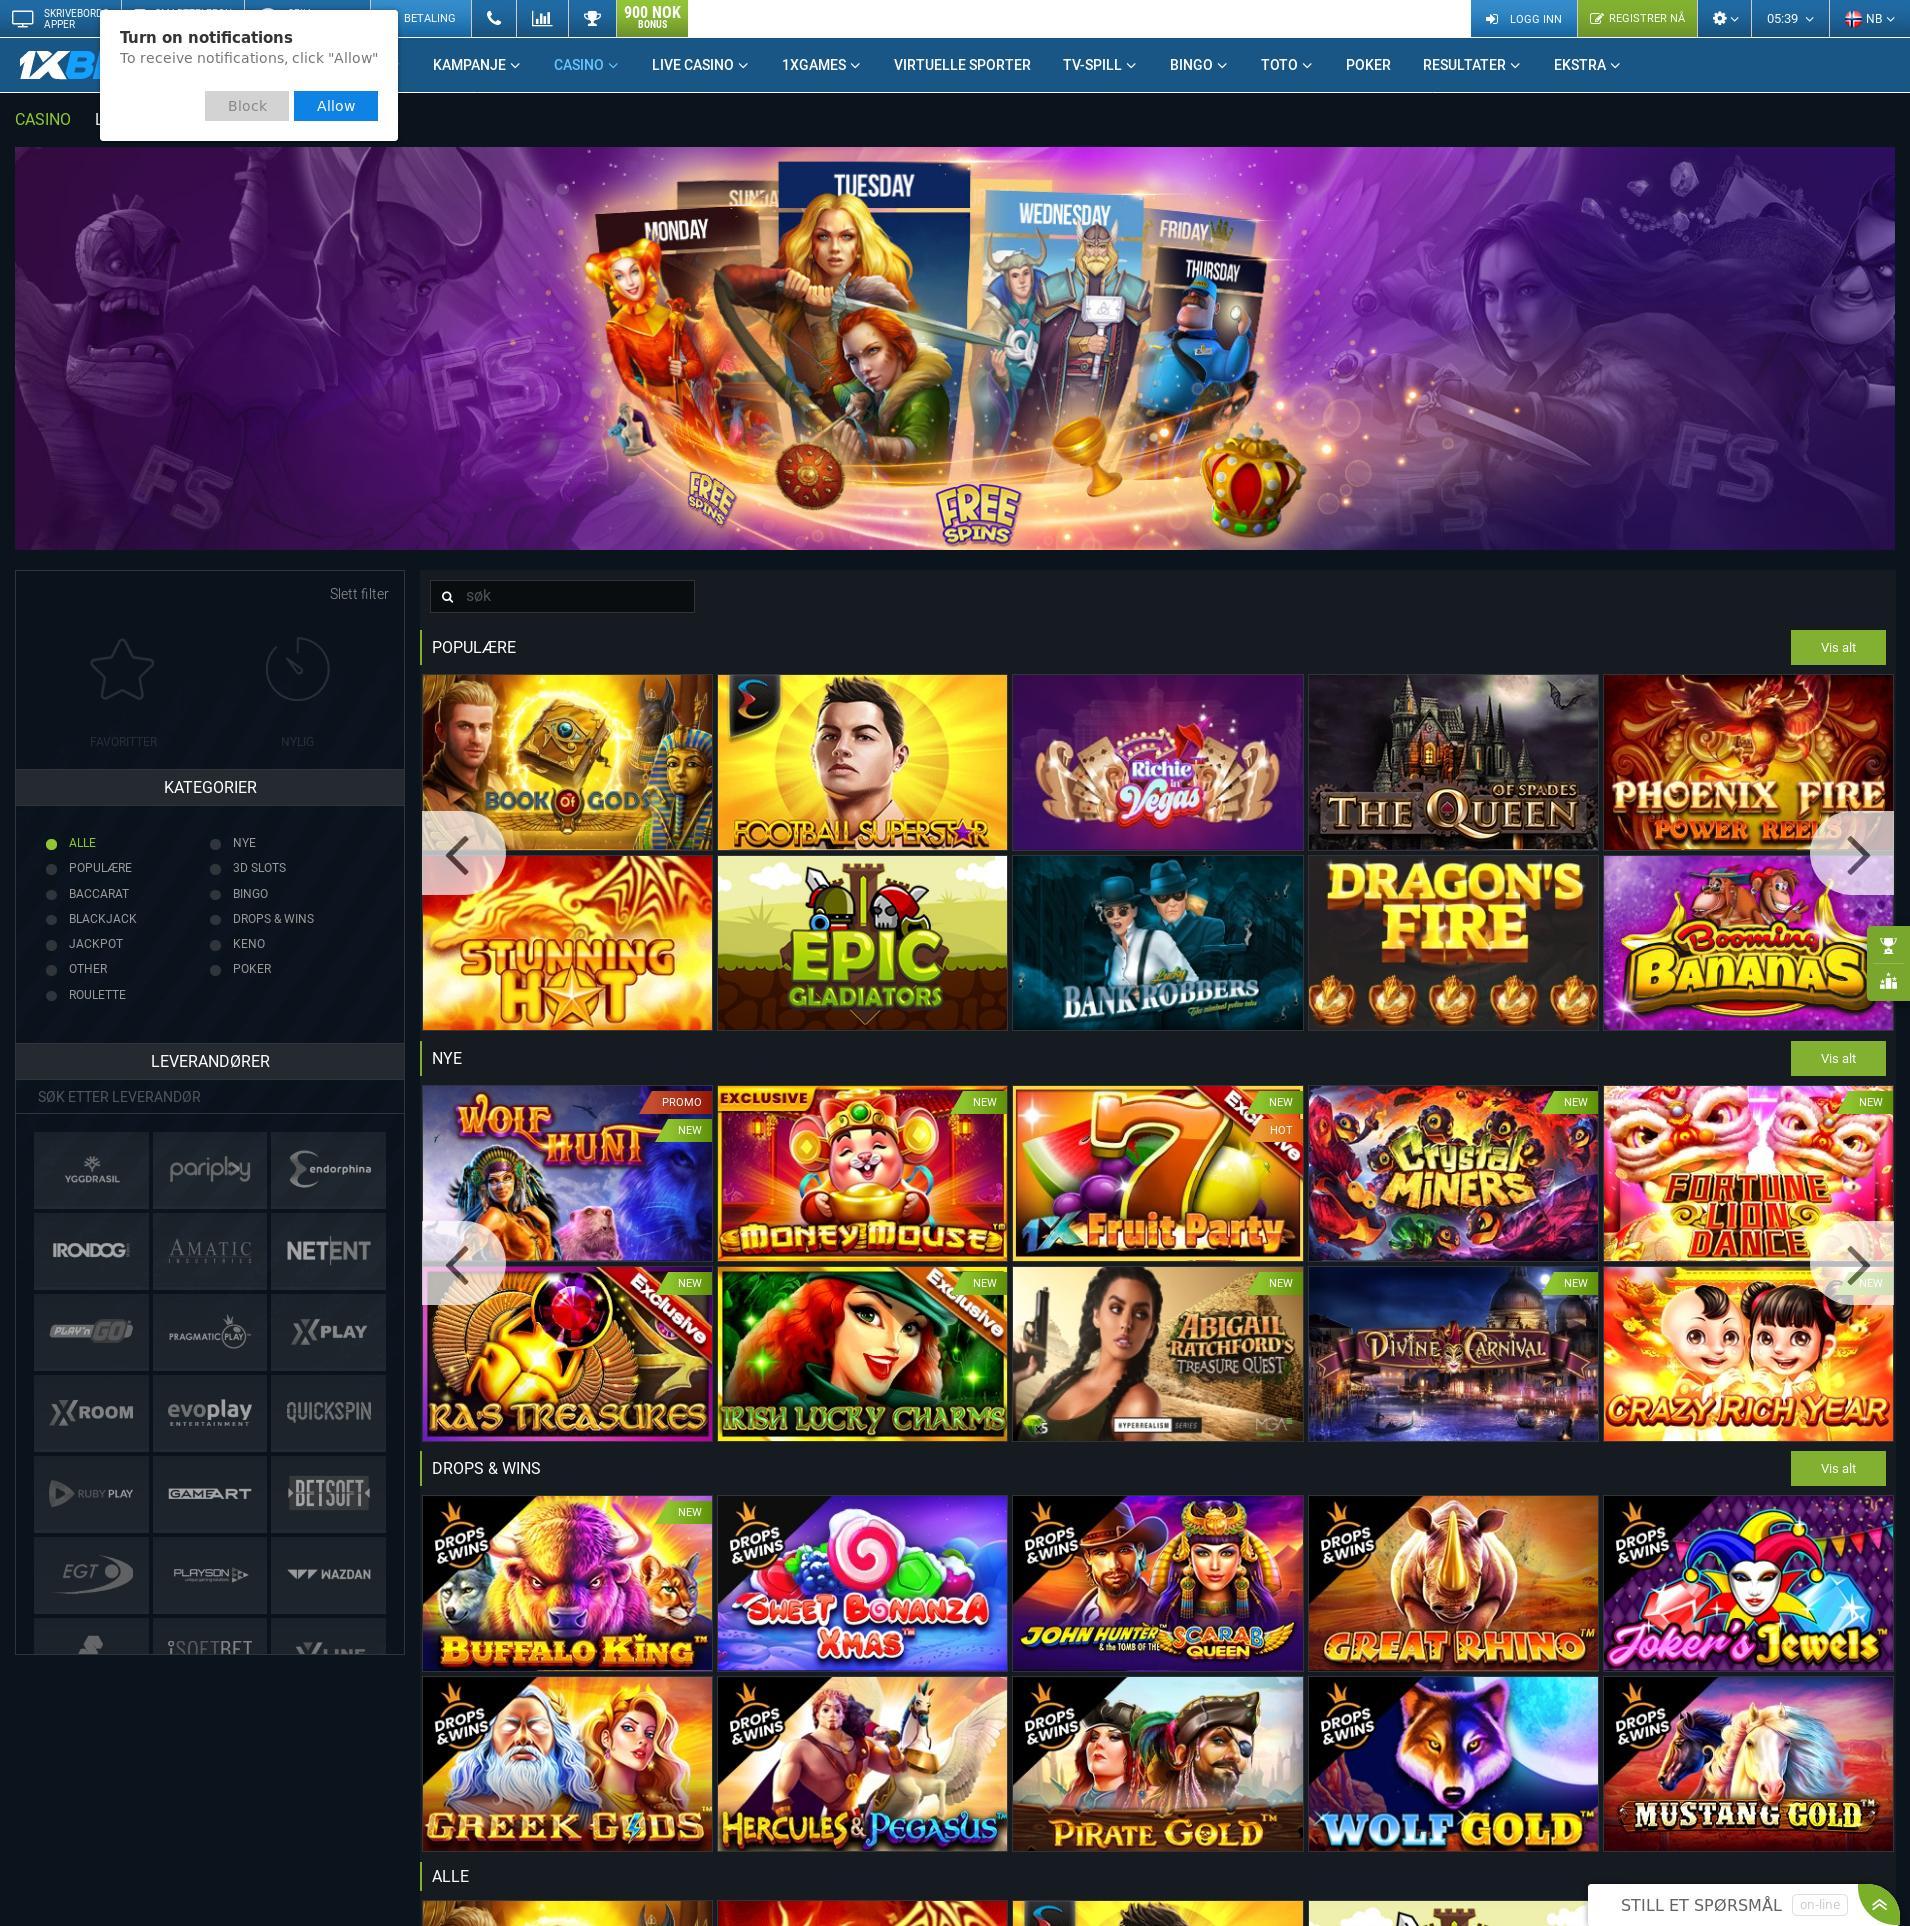 Casino Bildschirm Lobby 2020-01-22 zum Norwegen